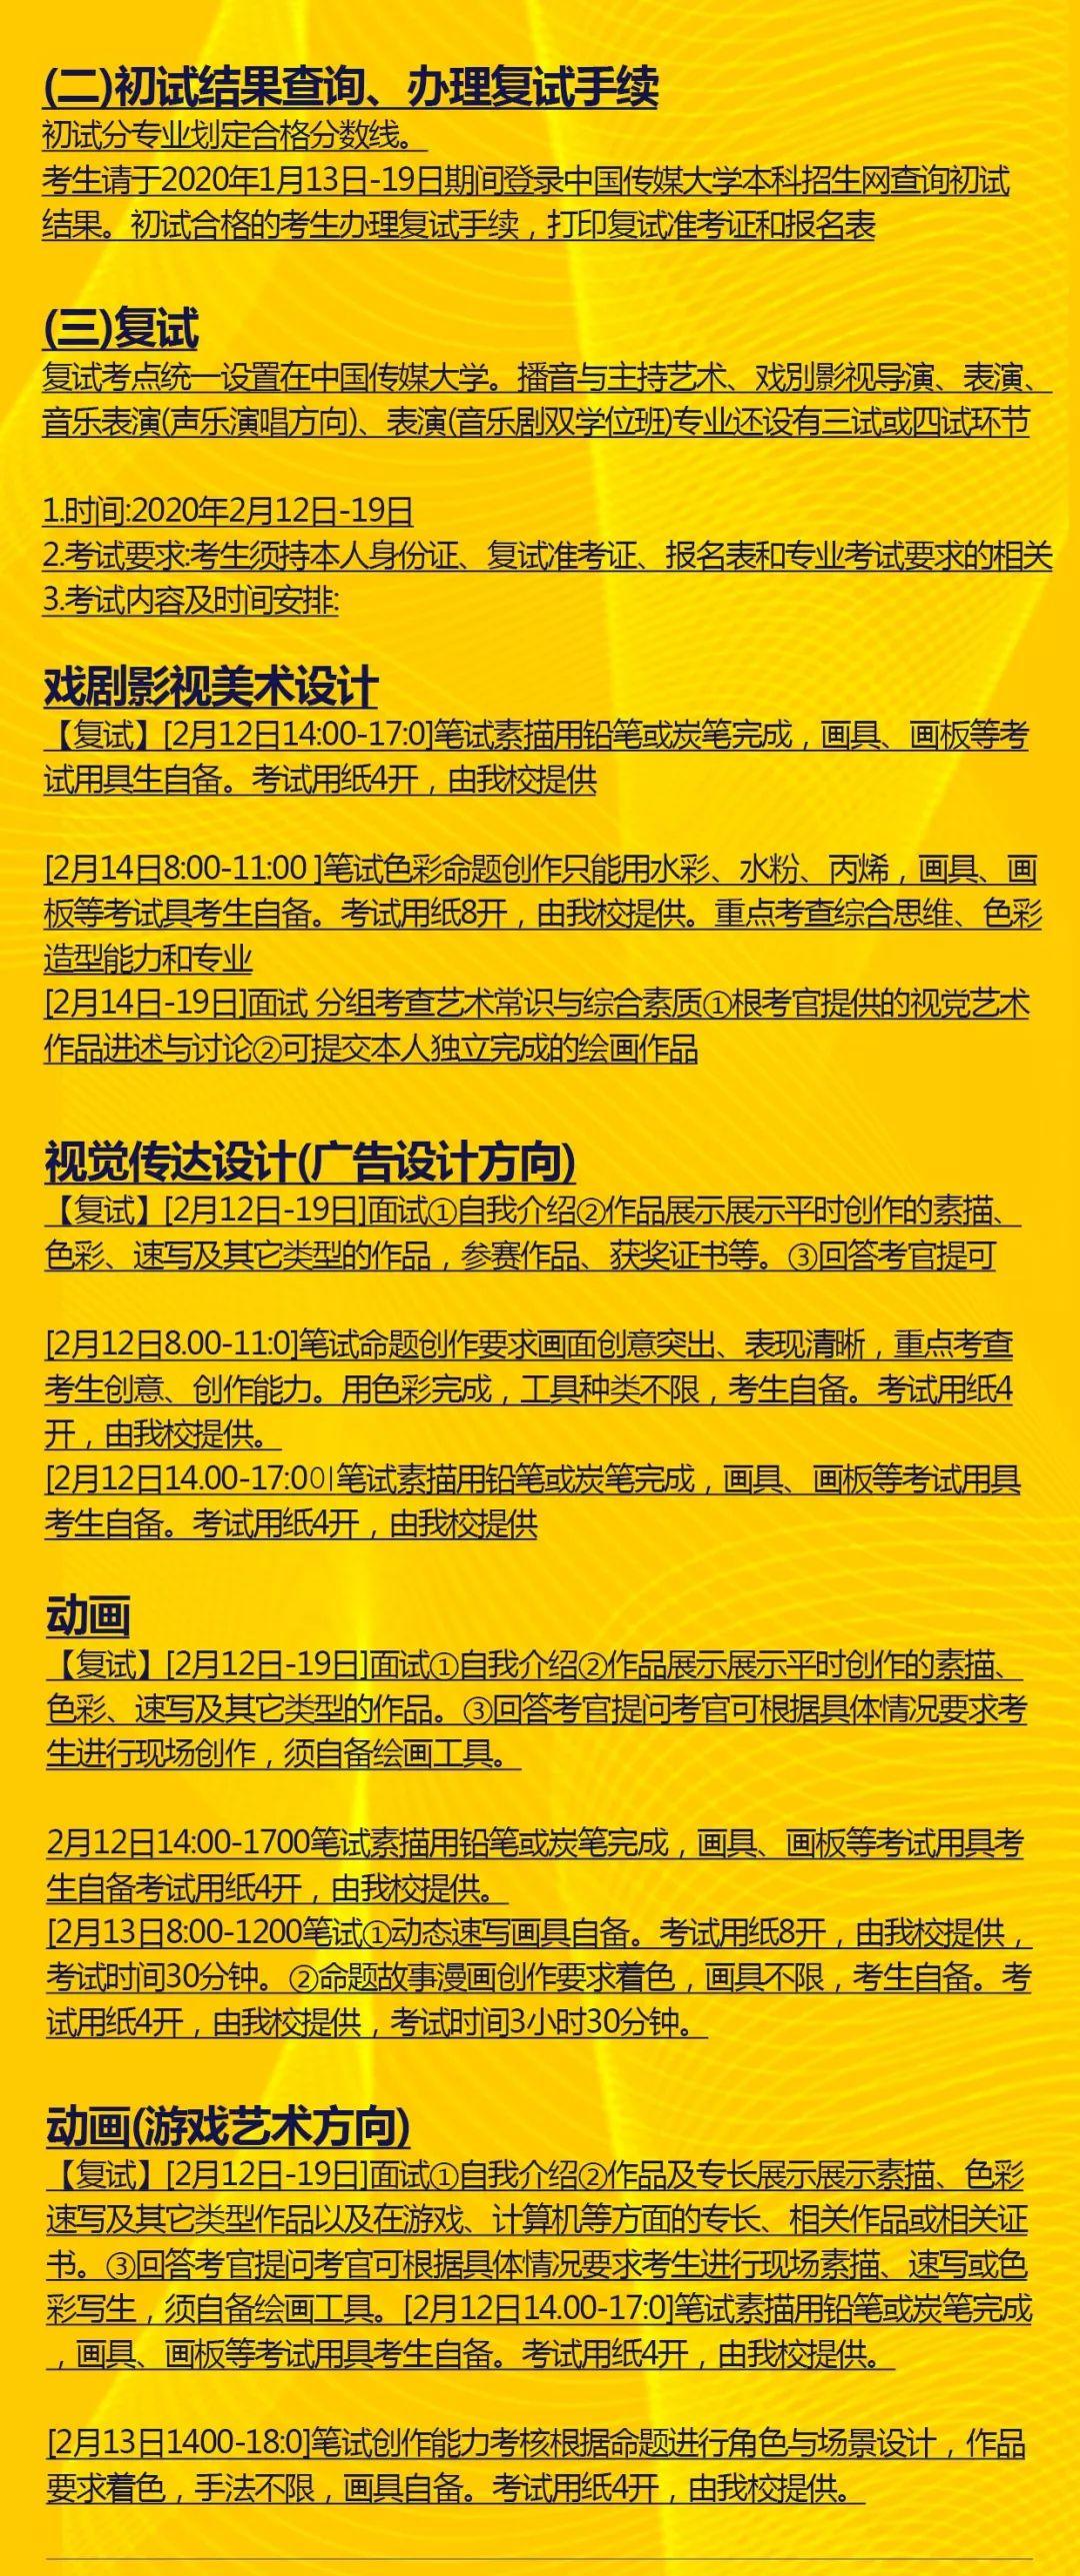 中国传媒大学,北京电影学院,中央戏剧学院,北京巅峰广艺画室       04